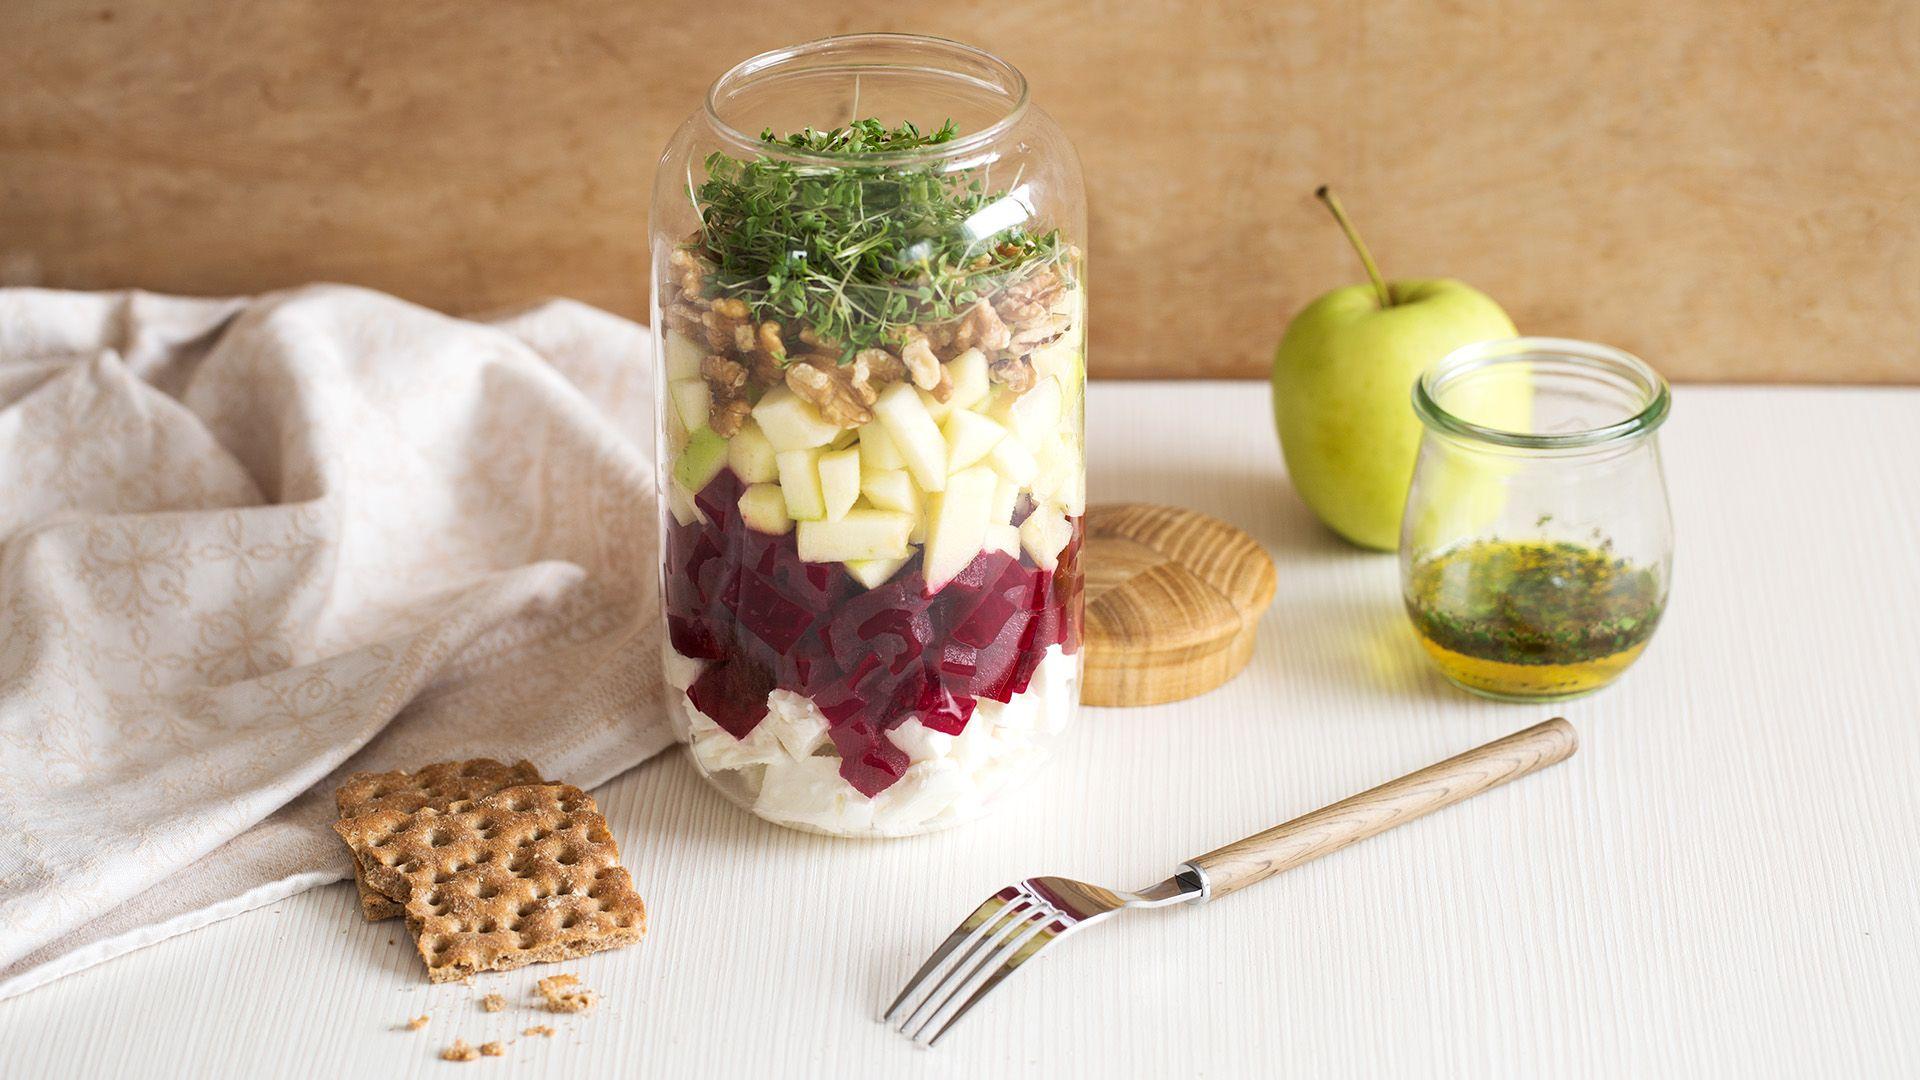 Apfel-Rote-Rüben-Salat mit Feta im Glas von Lidl Österreich